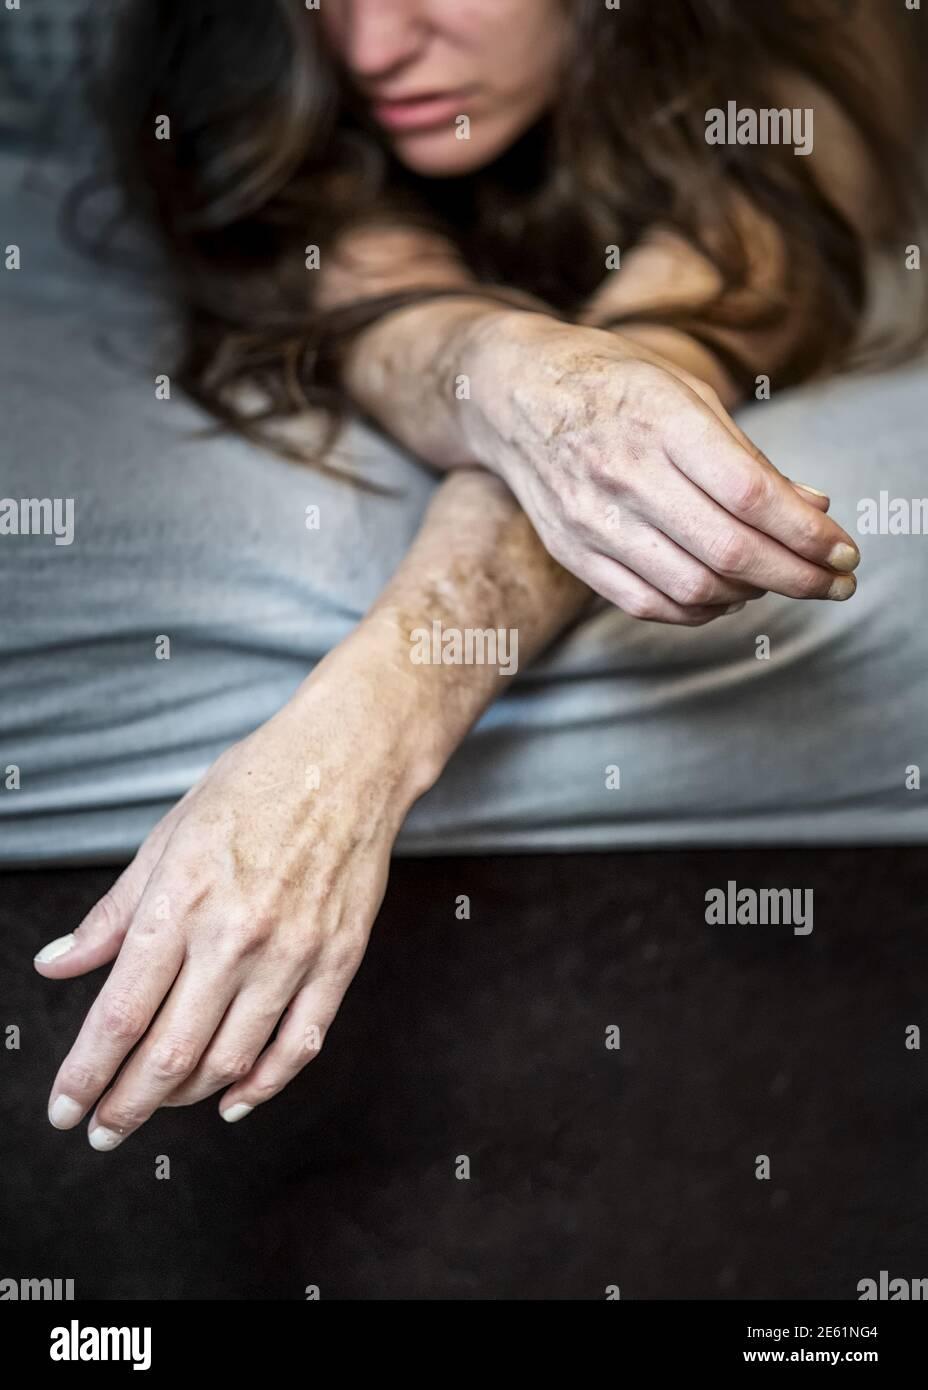 Auto daño a una mujer enferma desilusionada frustrada acostada en la cama con fuertes cortes autoinfligidos y cicatrices de automutilación en frustración, autoabuso Foto de stock